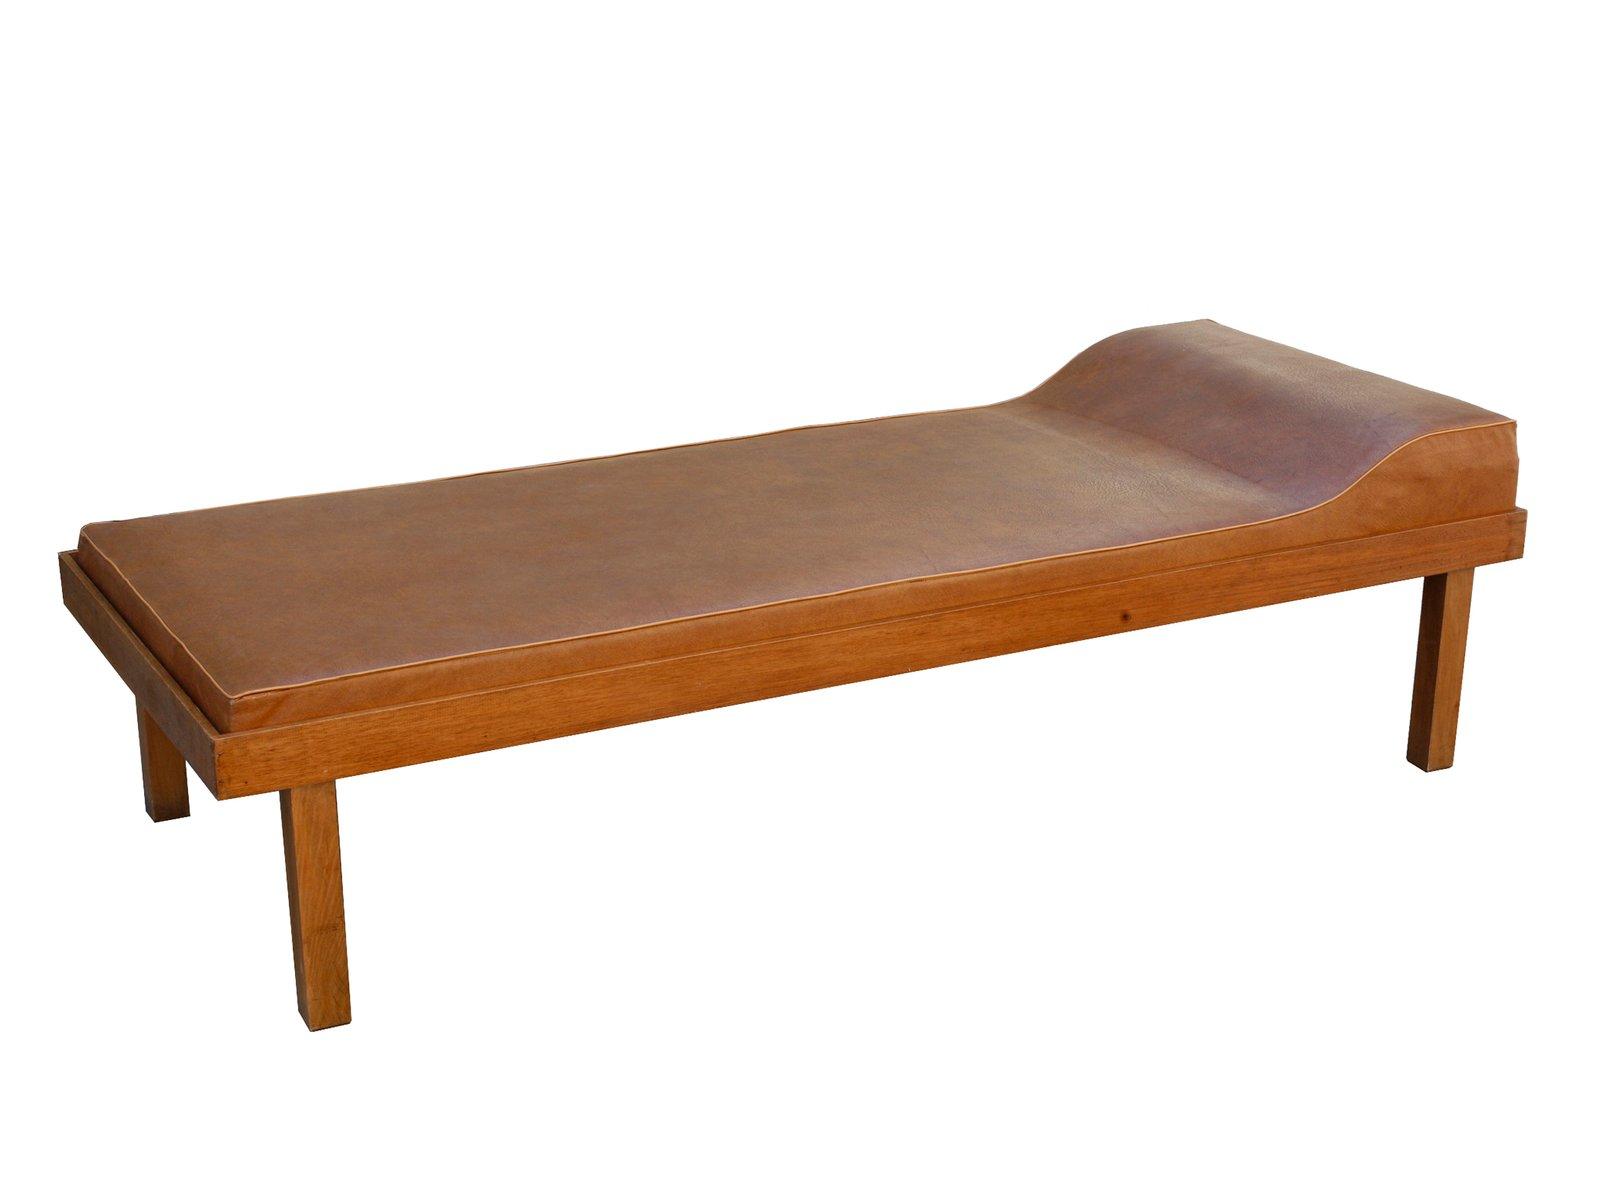 Chaise longue vintage france en vente sur pamono - Chaise longue en anglais ...